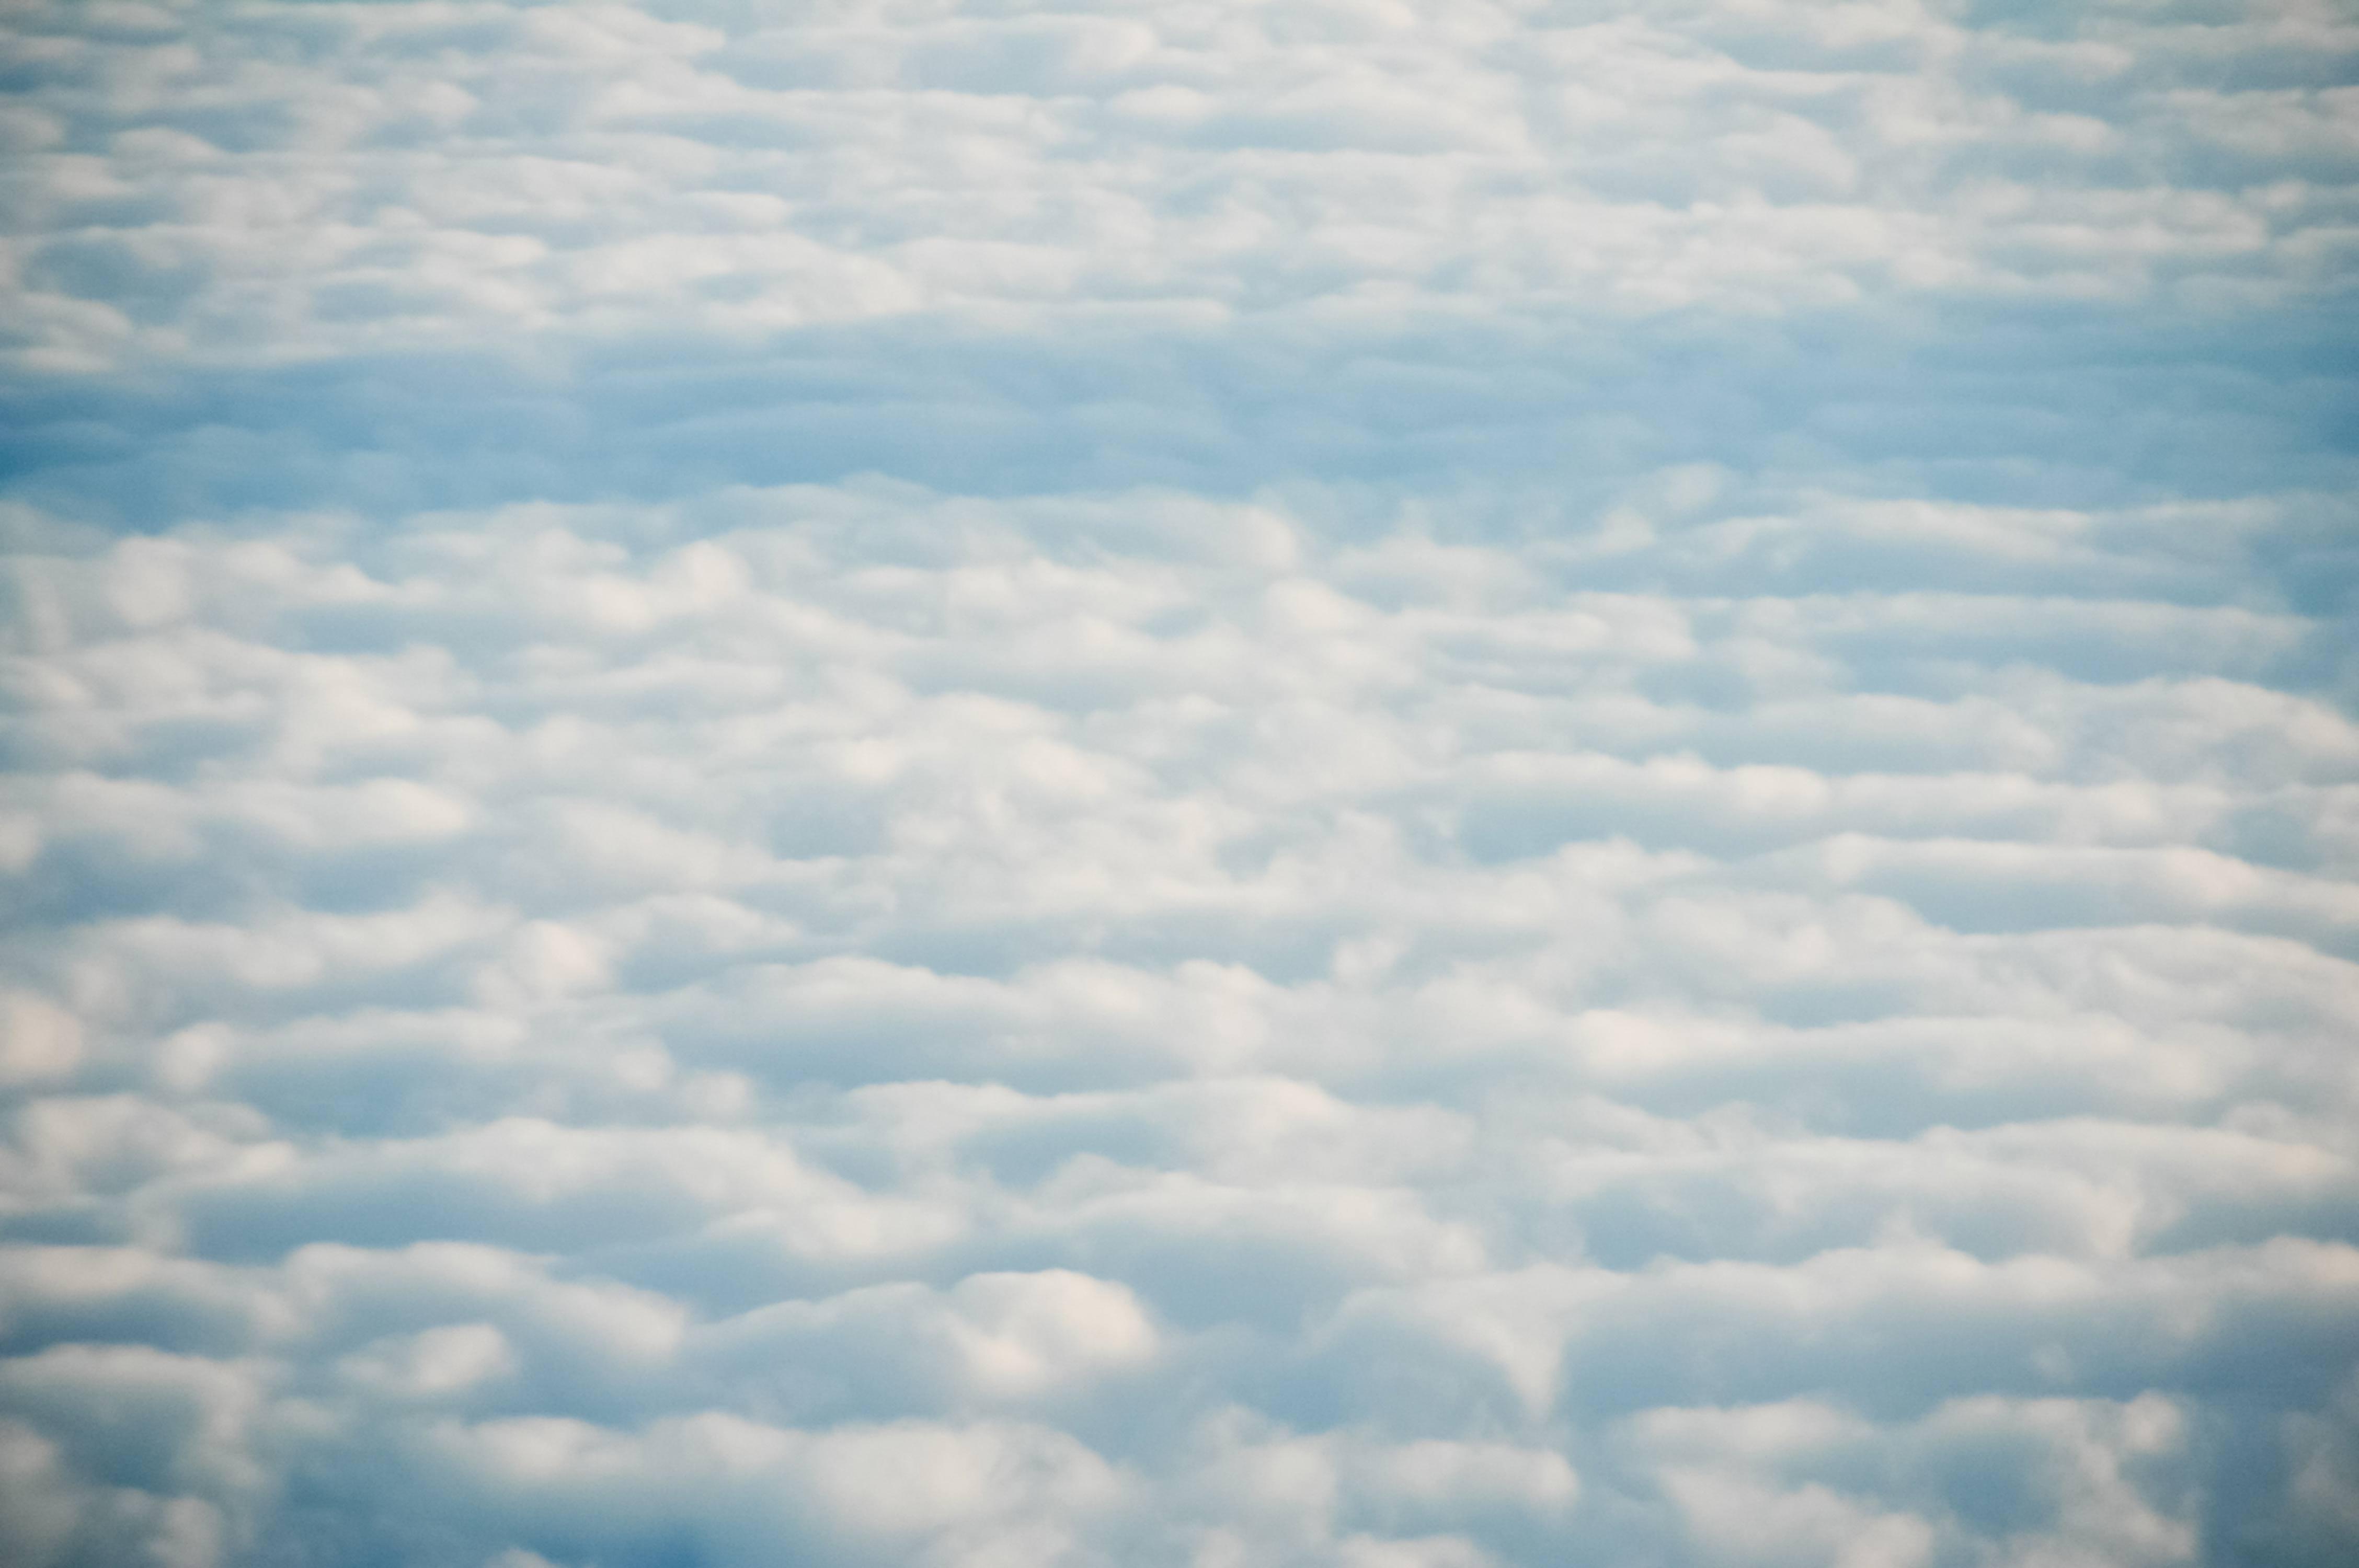 Soft aerial clouds sky